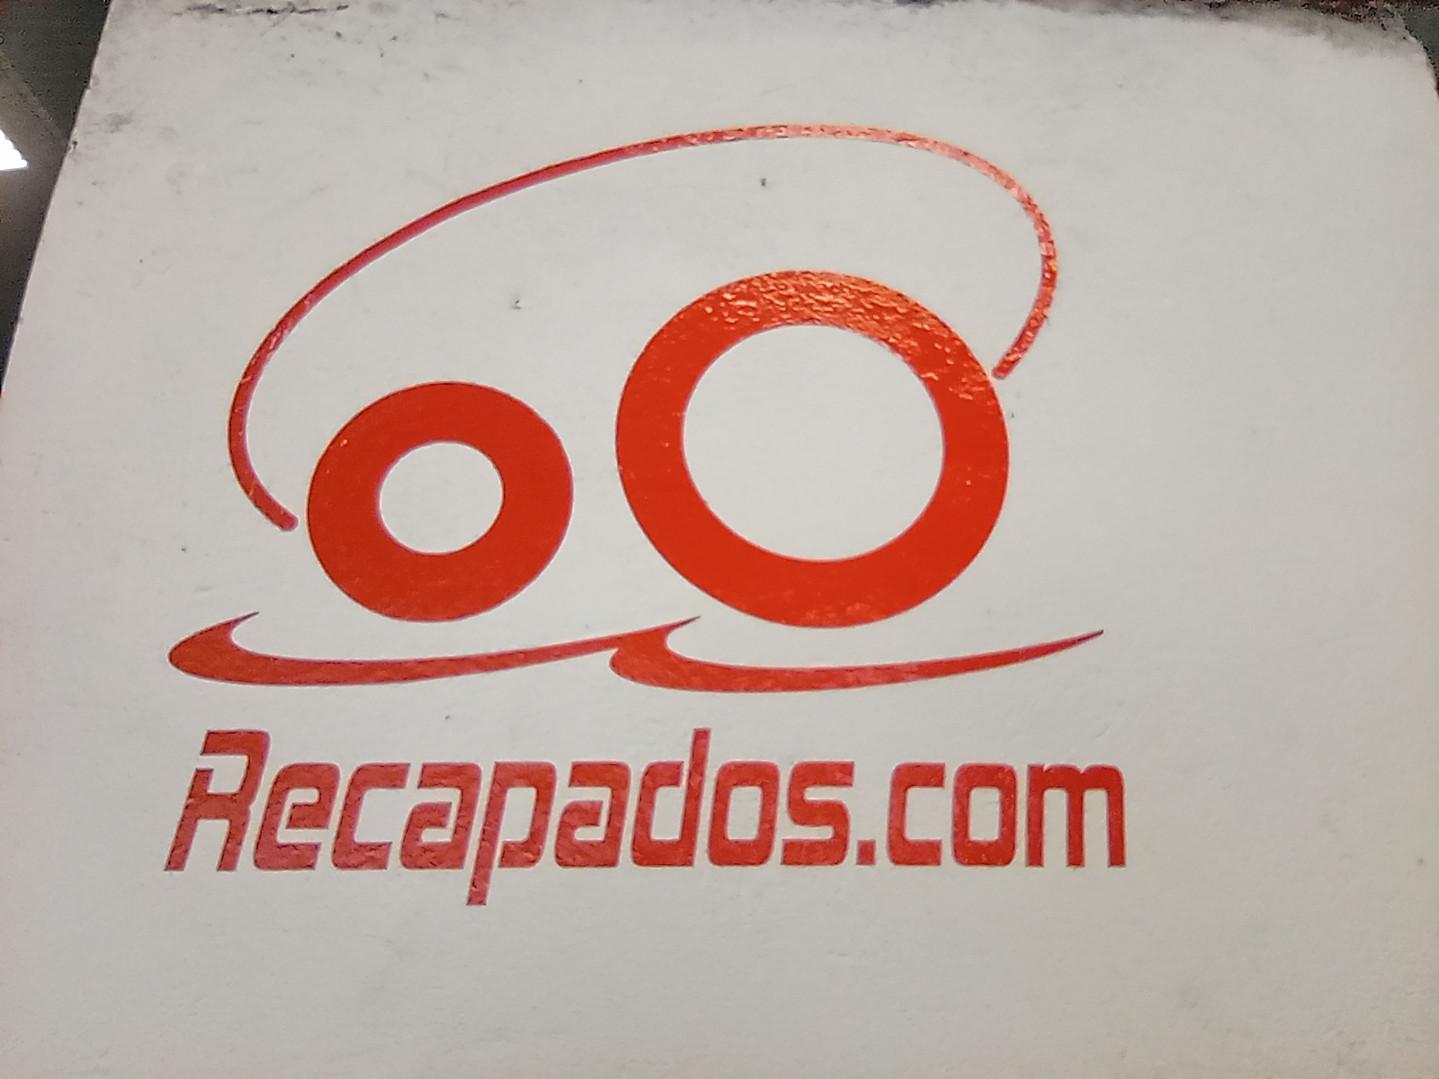 Logo recapados.com